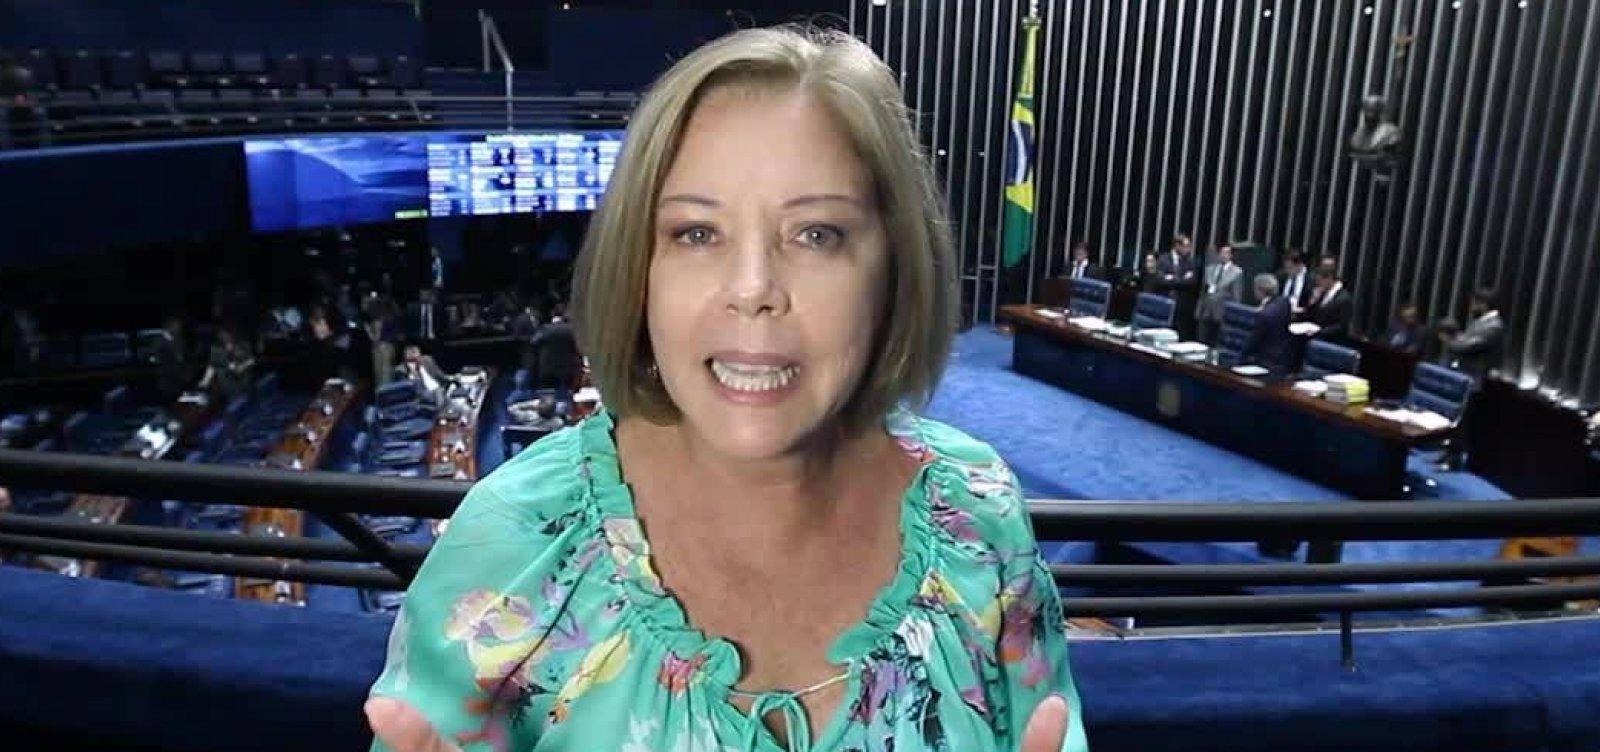 Cantanhêde critica retórica de apoiadores e diz que Bolsonaro 'tem que abaixar a bola'